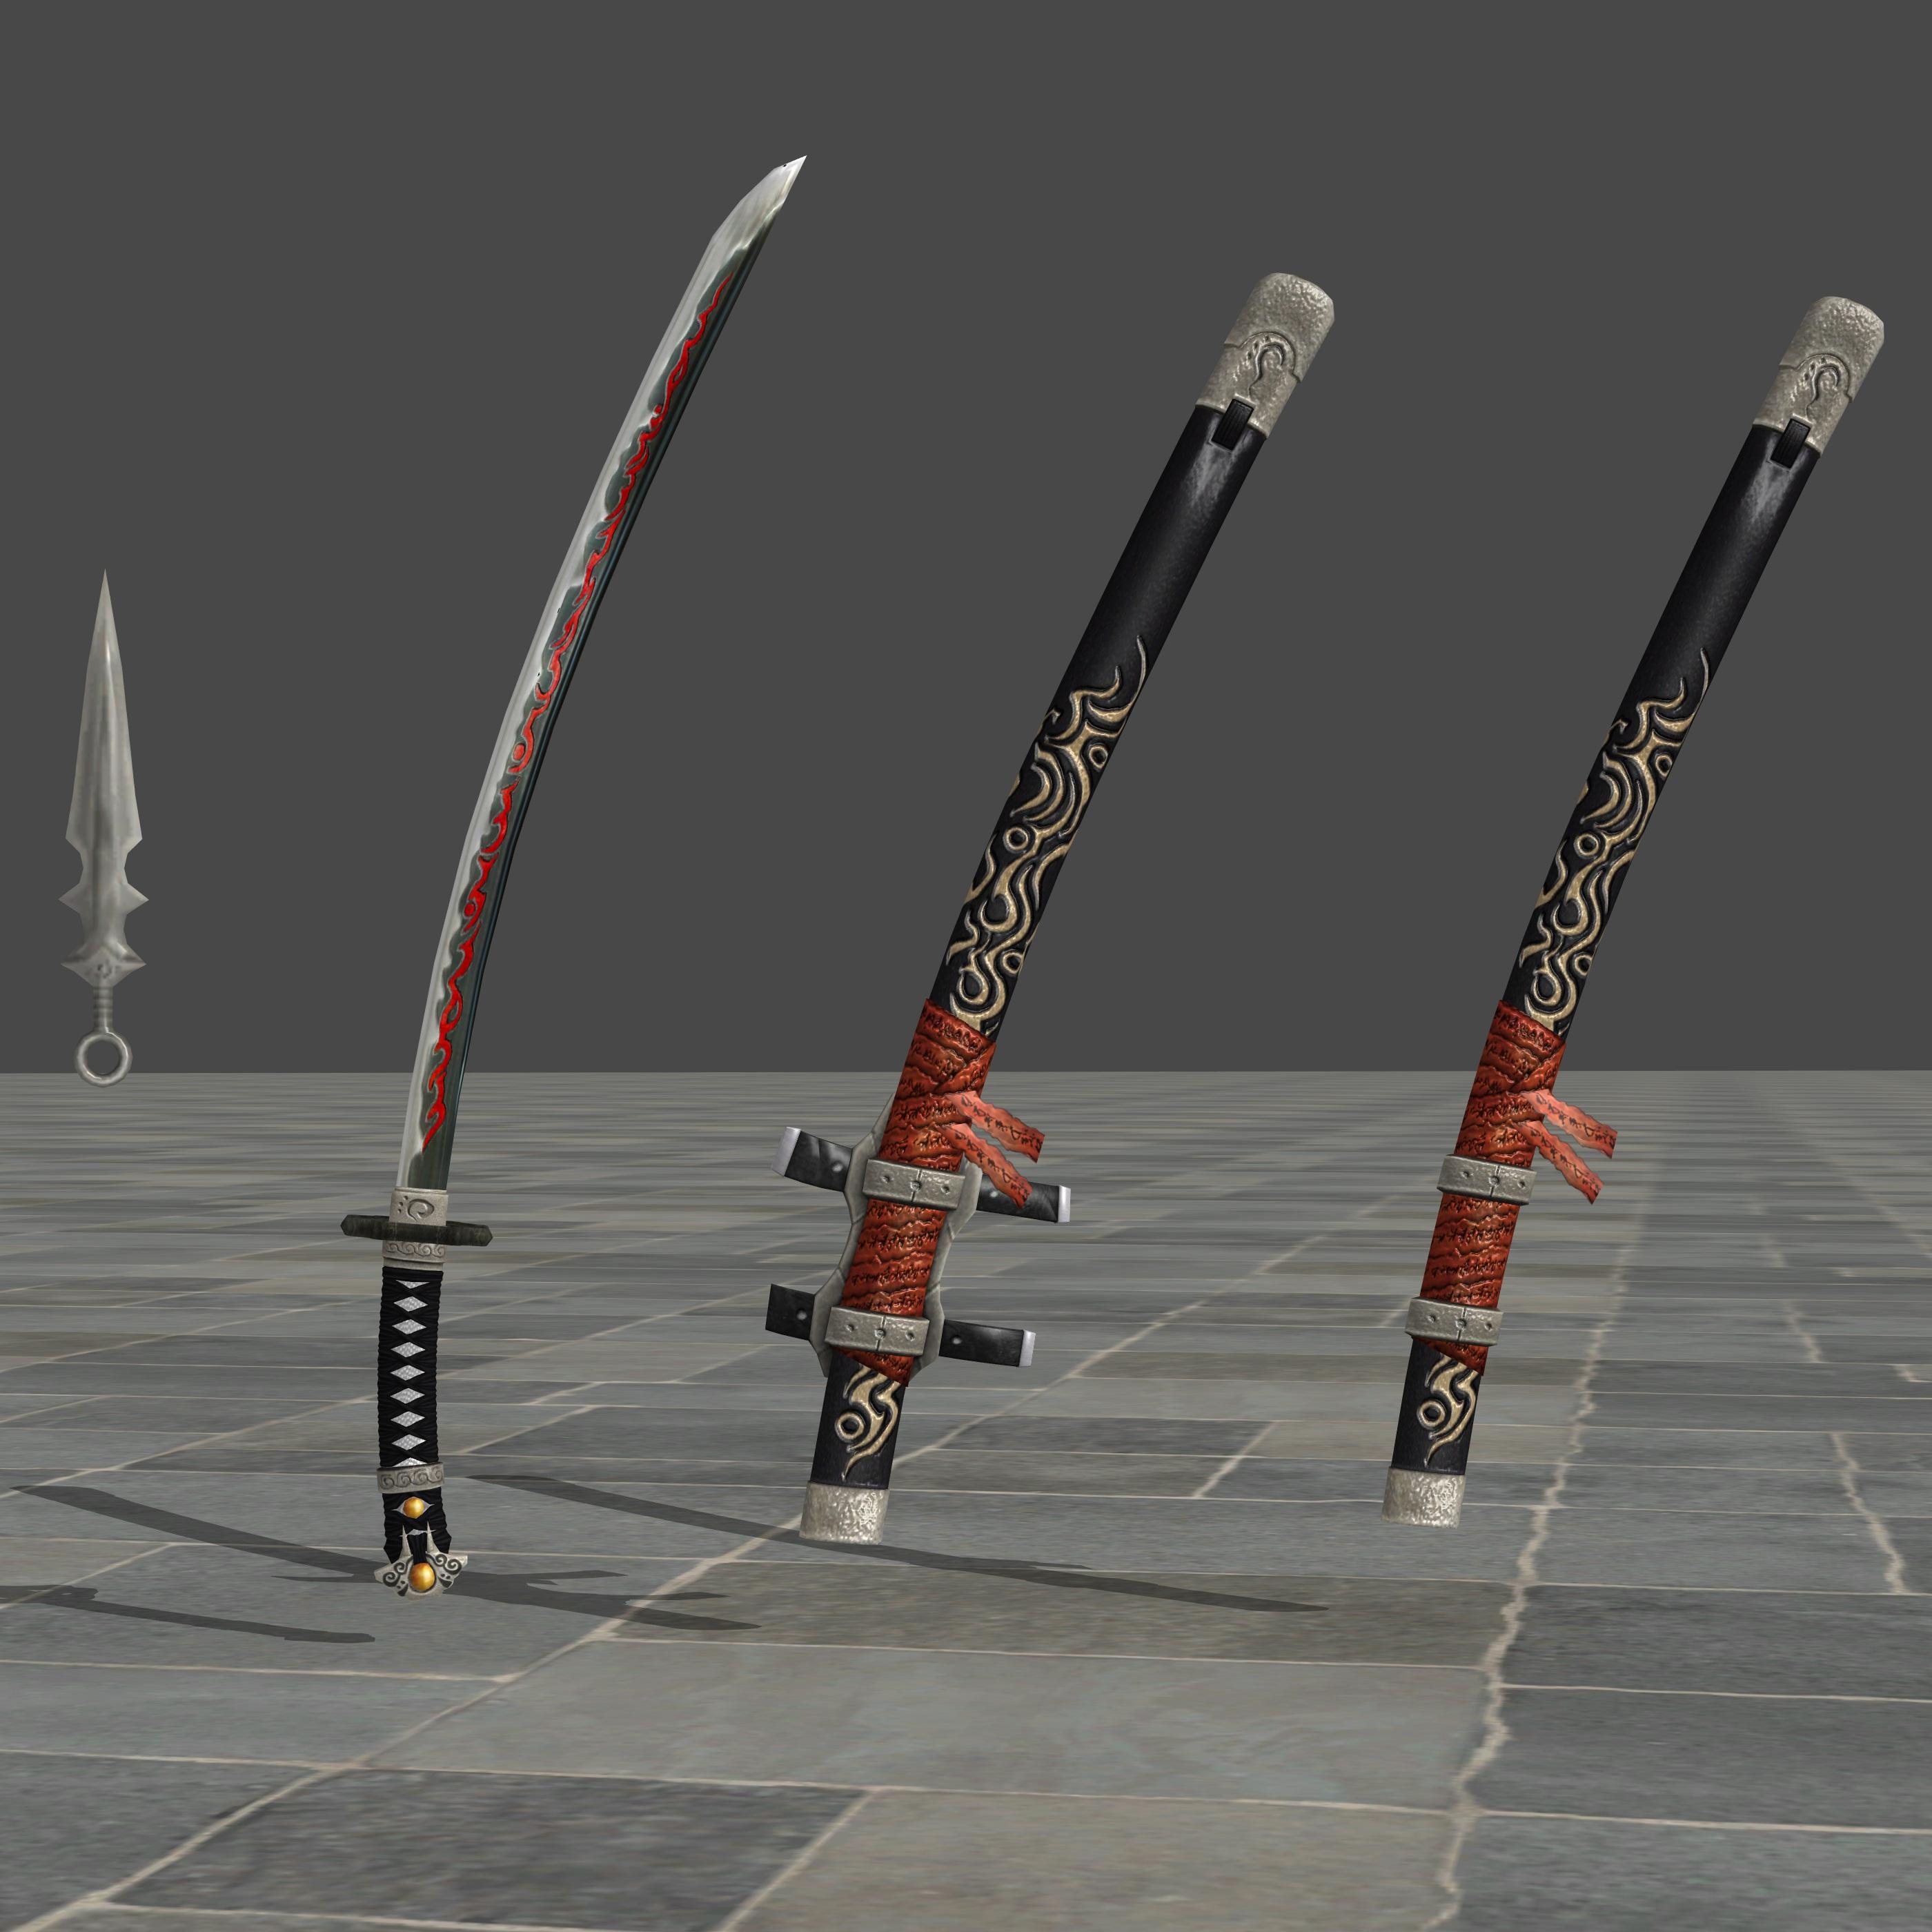 Ninja Gaiden 3: Genshine's Weapon Pack